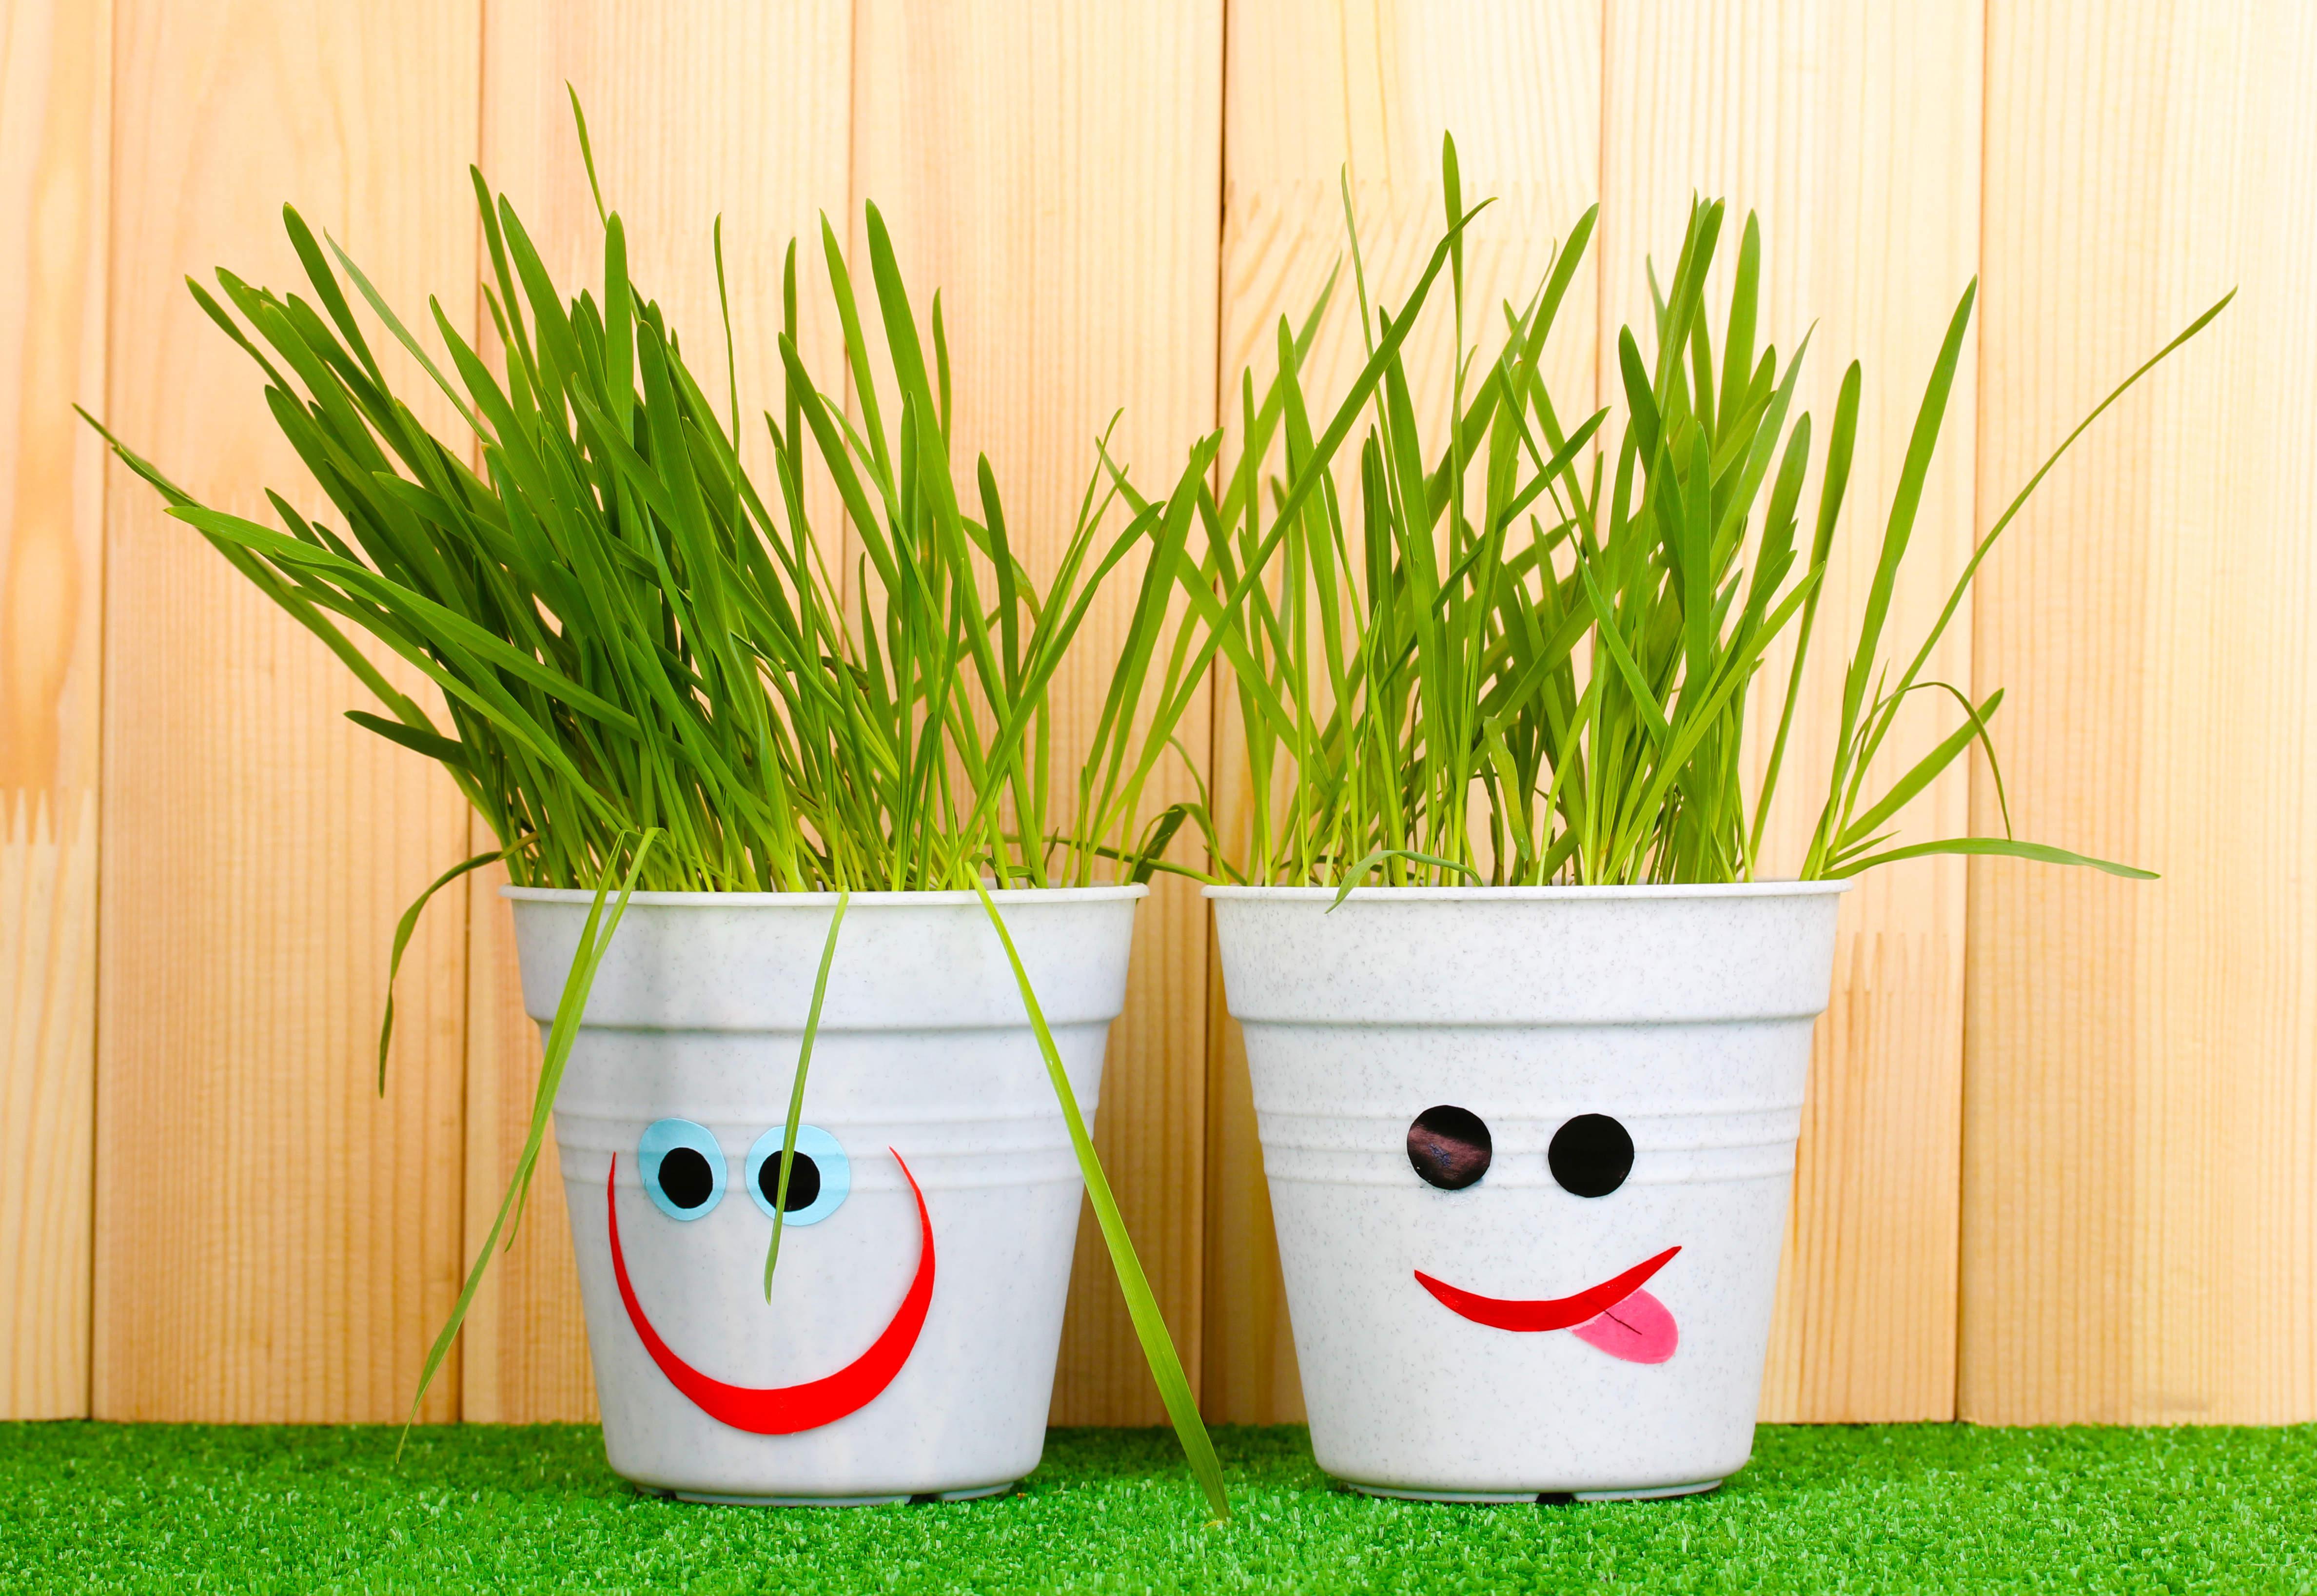 Blog La Foir'Fouille - DIY - 4 idées pour relooker un pot de fleurs